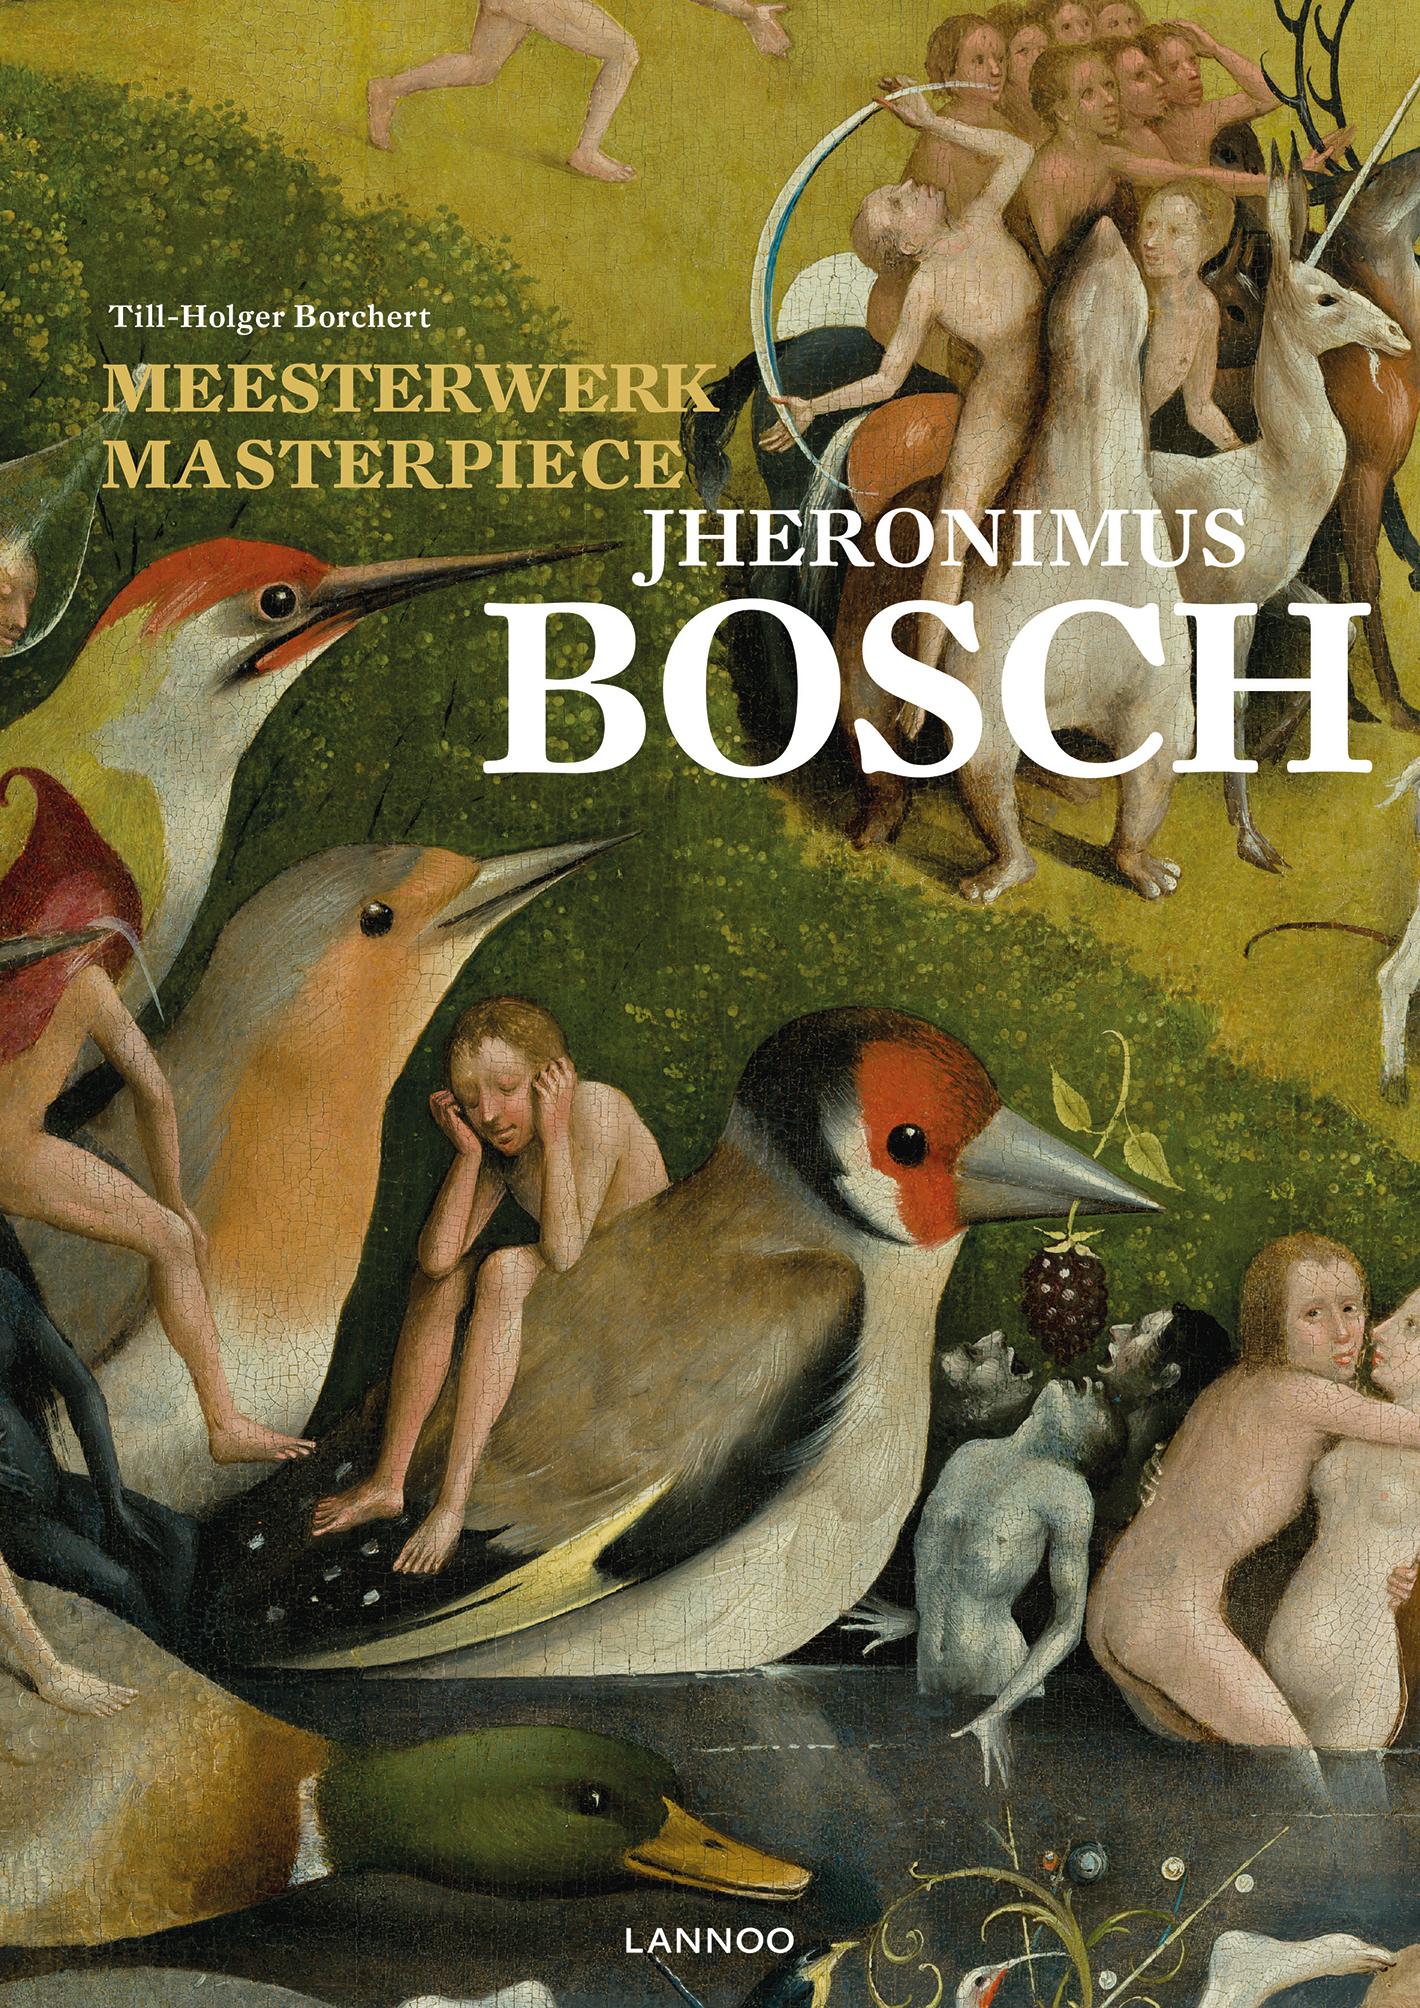 Masterpiece: Jheronimus Bosch